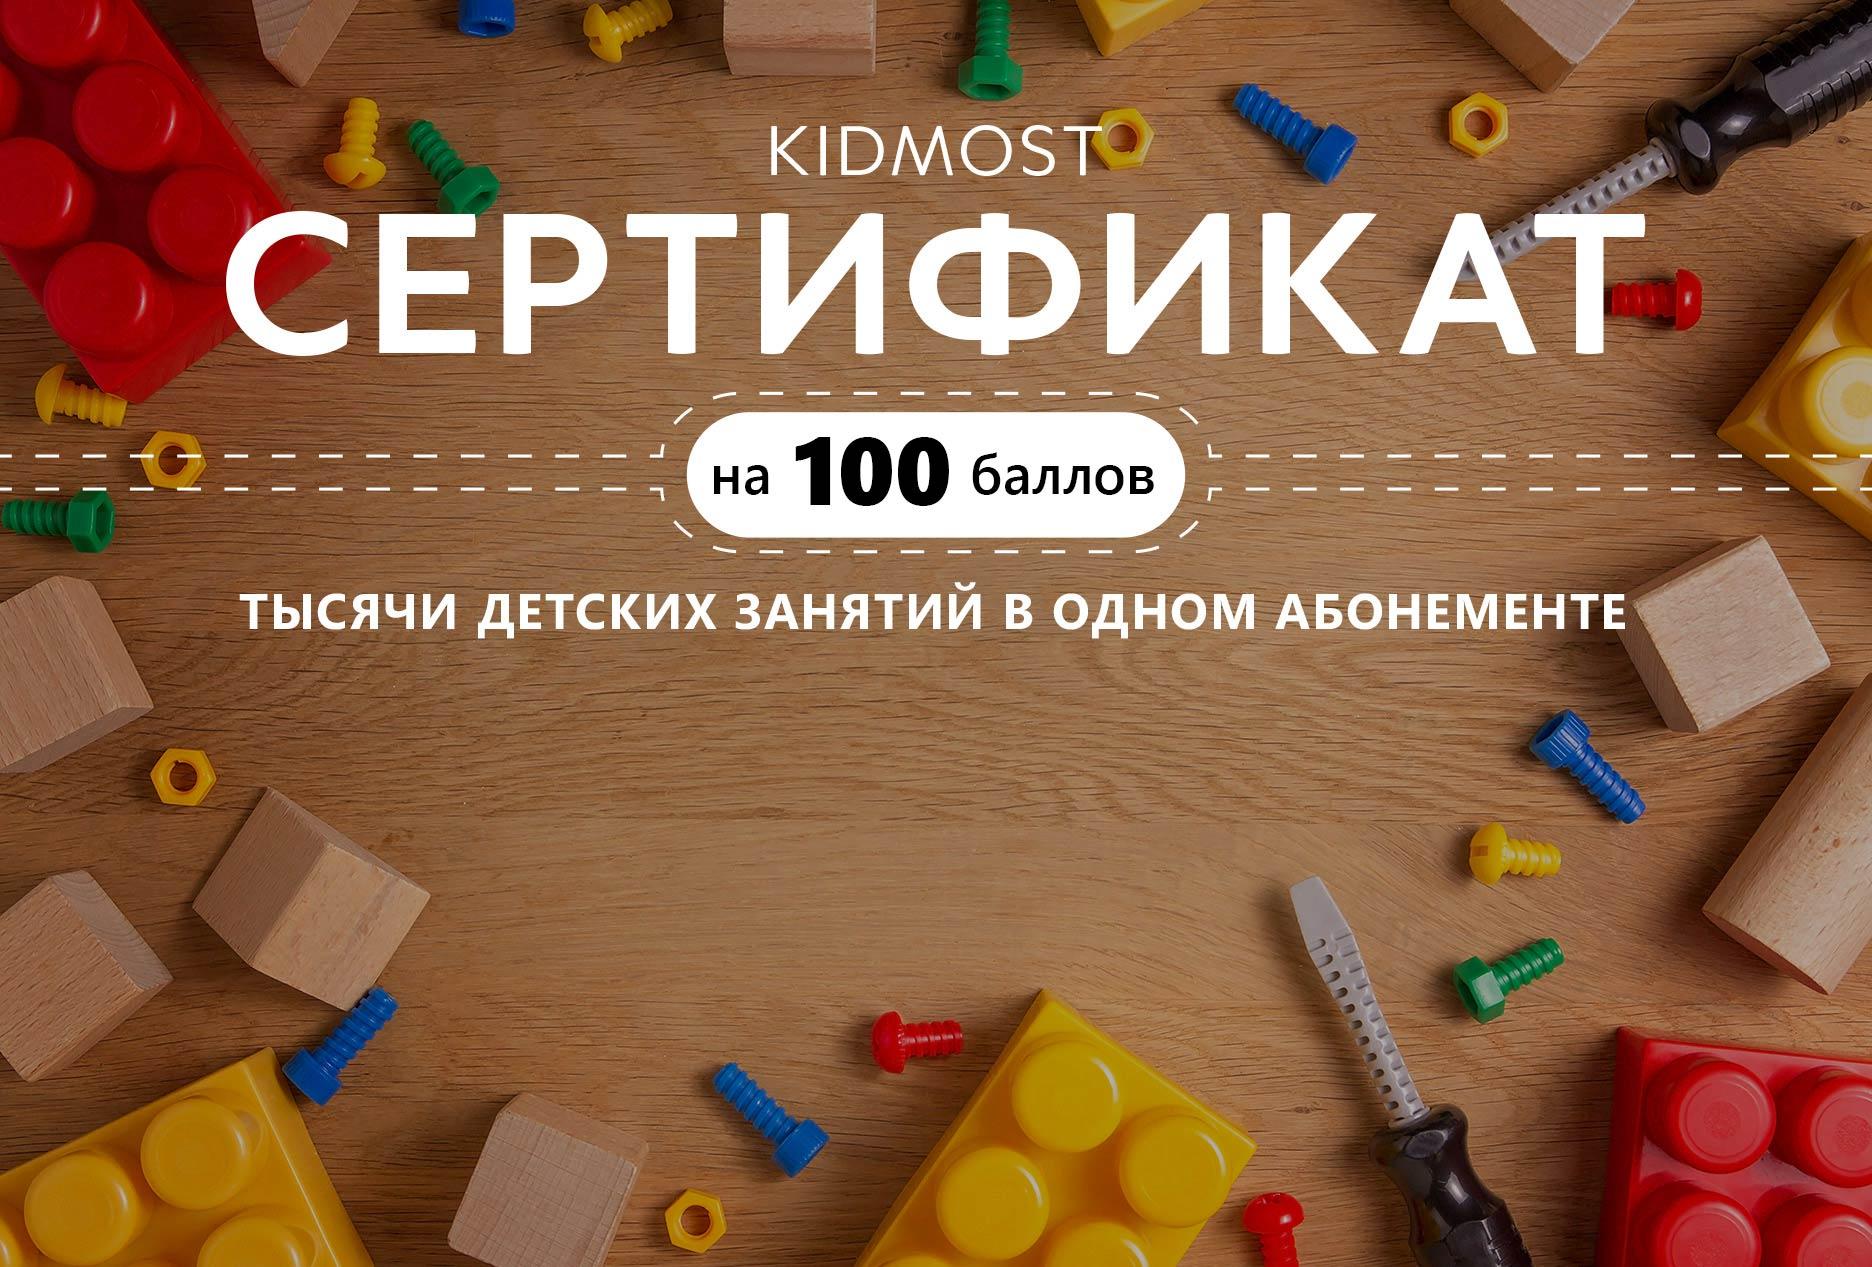 Сертификат Единый детский сертификат KIDMOST, 100 баллов фото